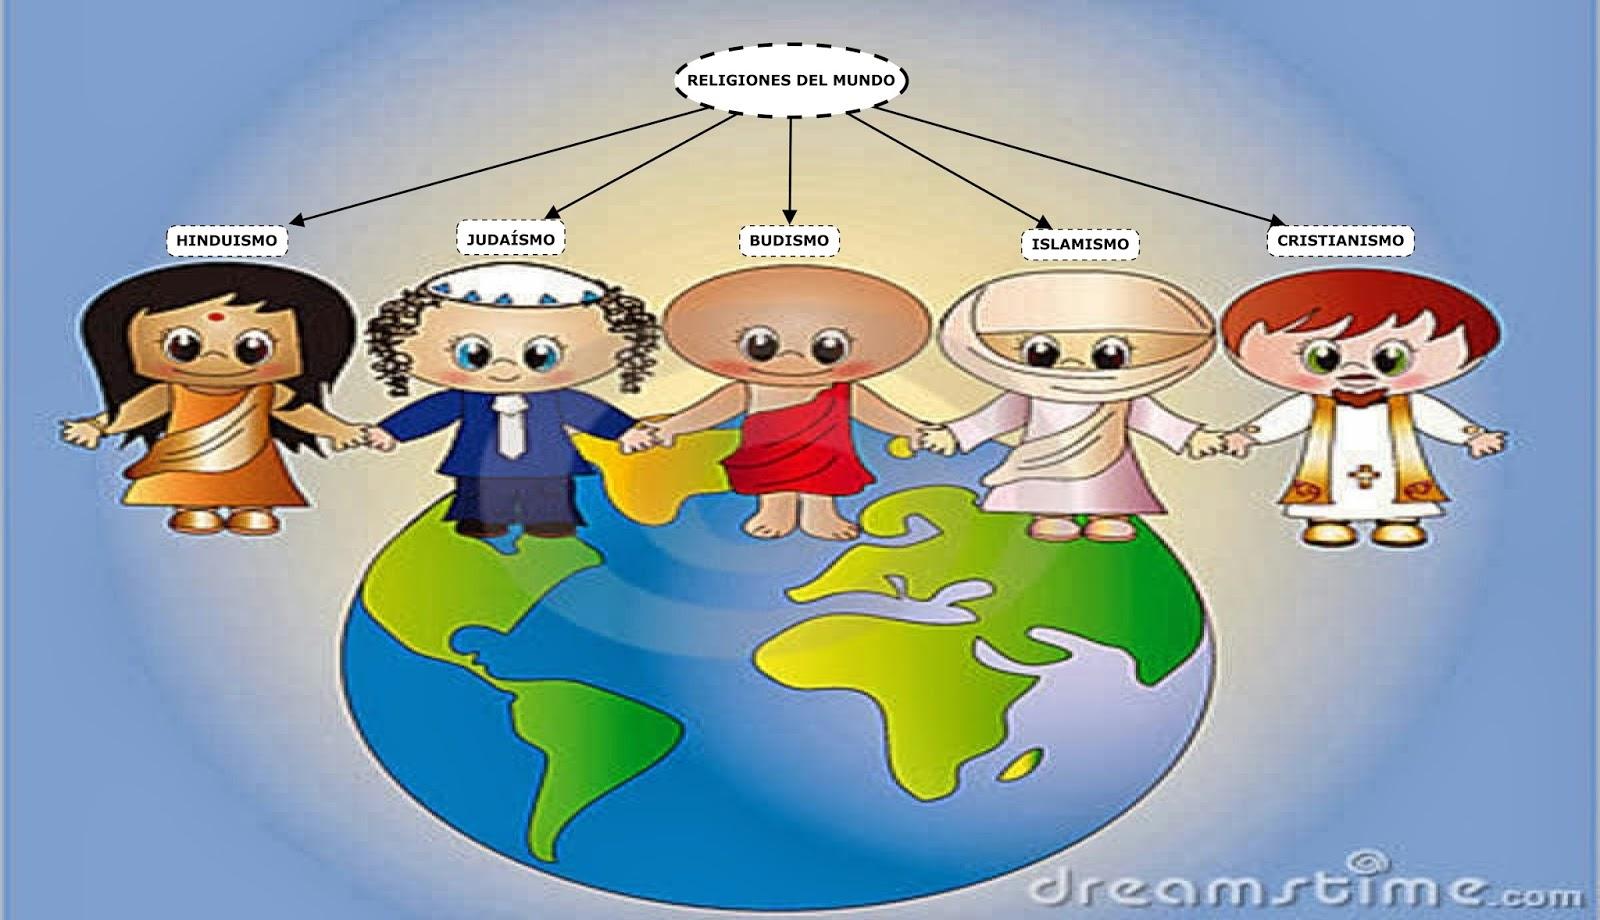 Blamacoticprimaria Religiones Del Mundo